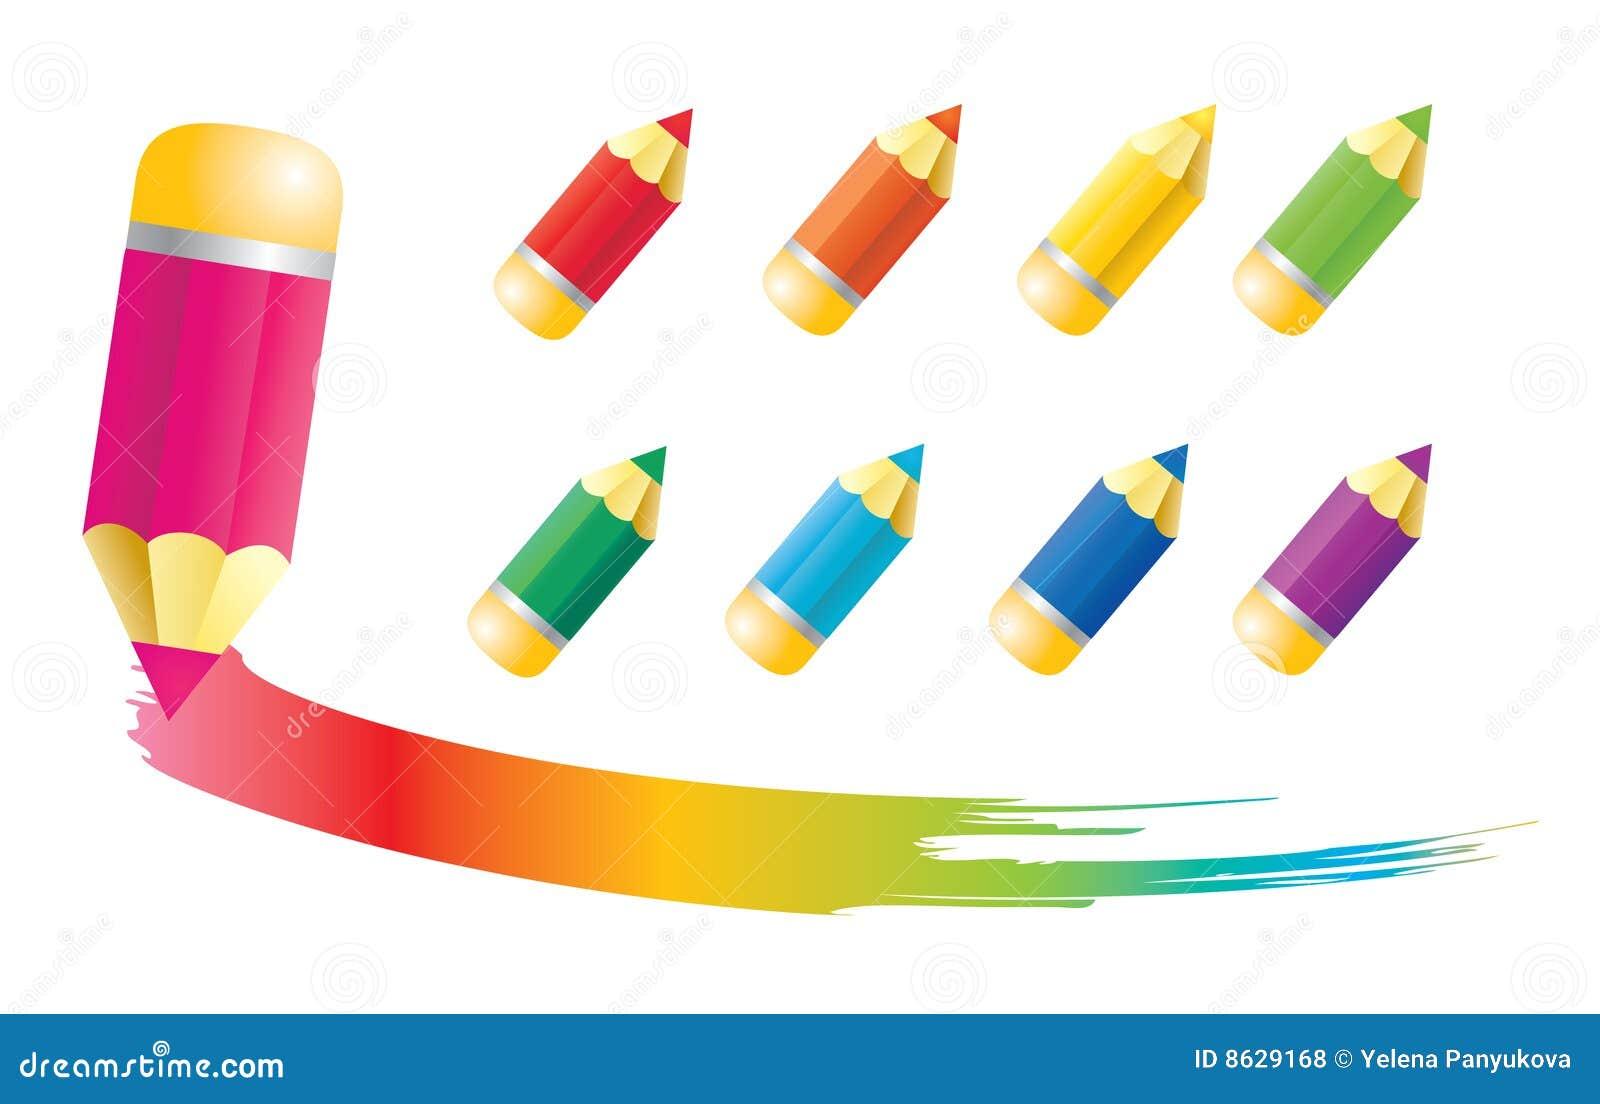 Ikona ołówek